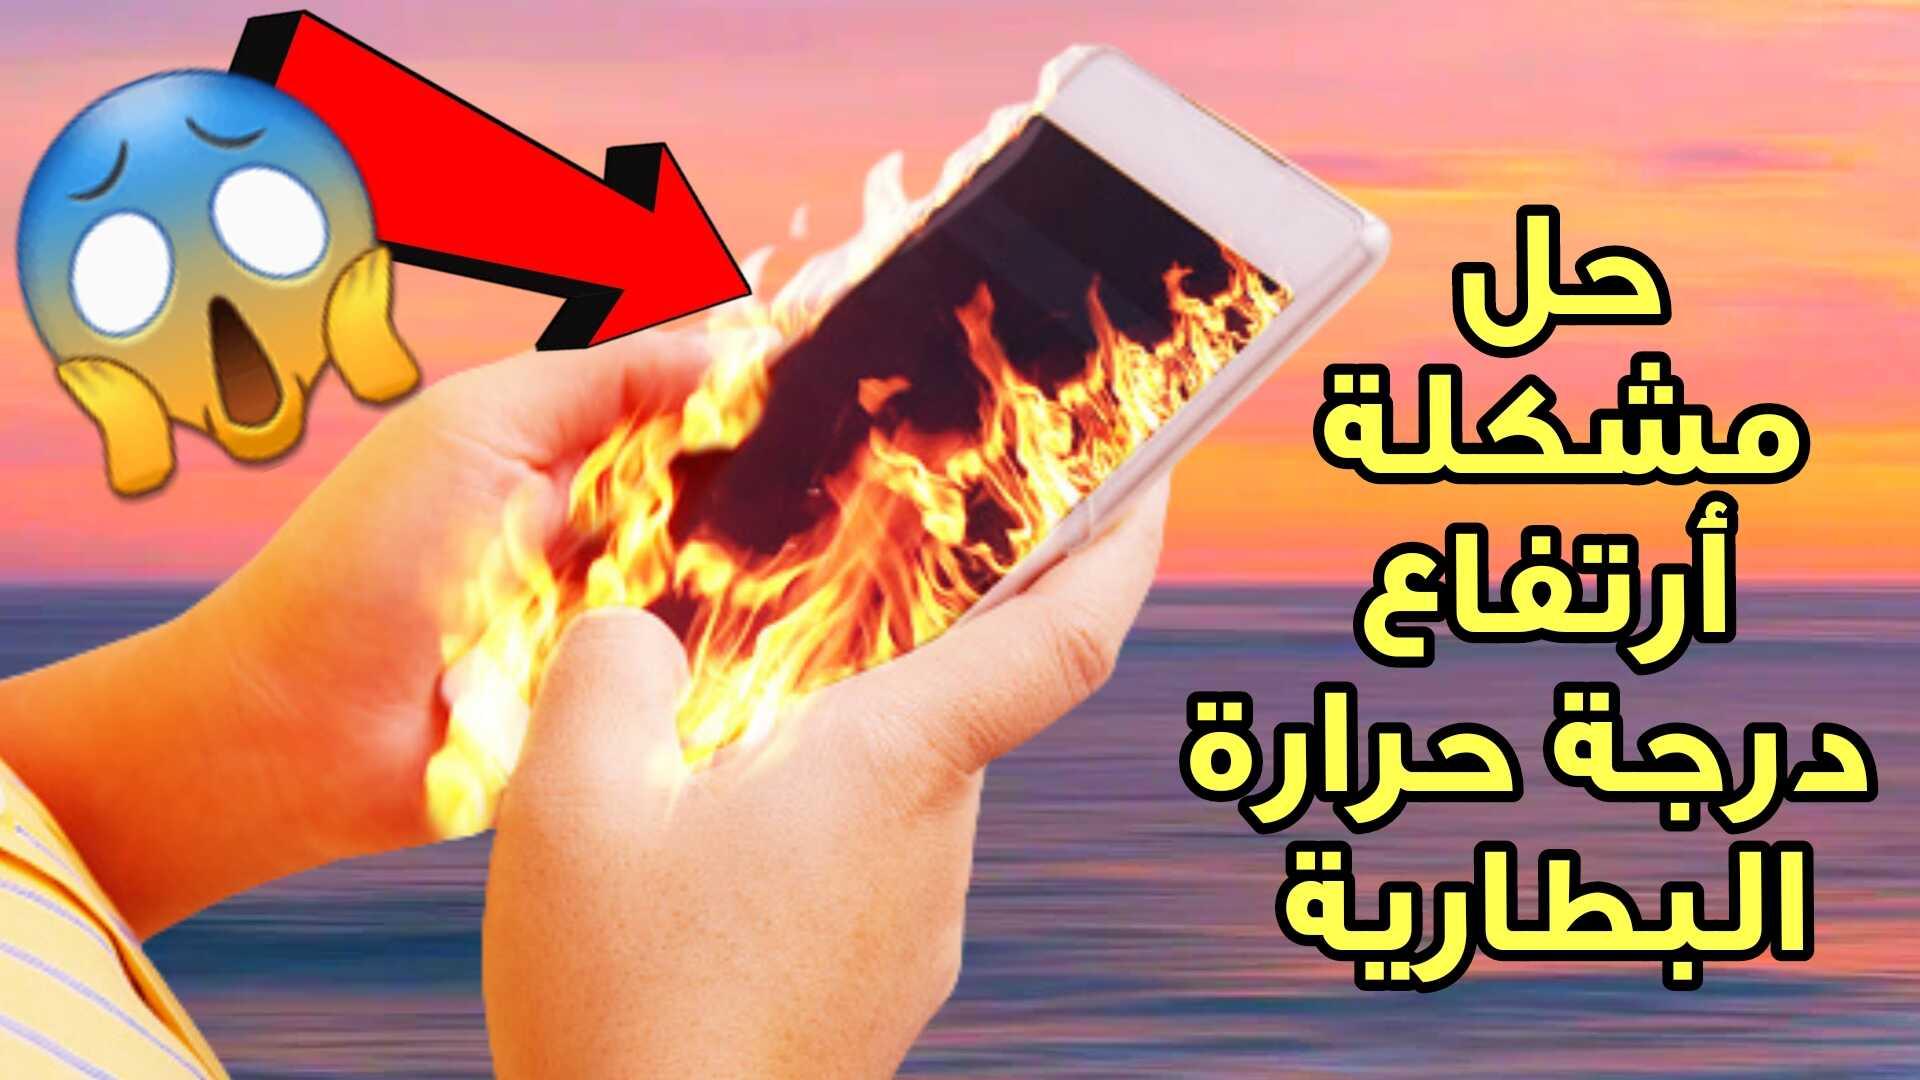 حل مشكلة أرتفاع درجة الحرارة البطارية لجميع الهواتف اندرويد